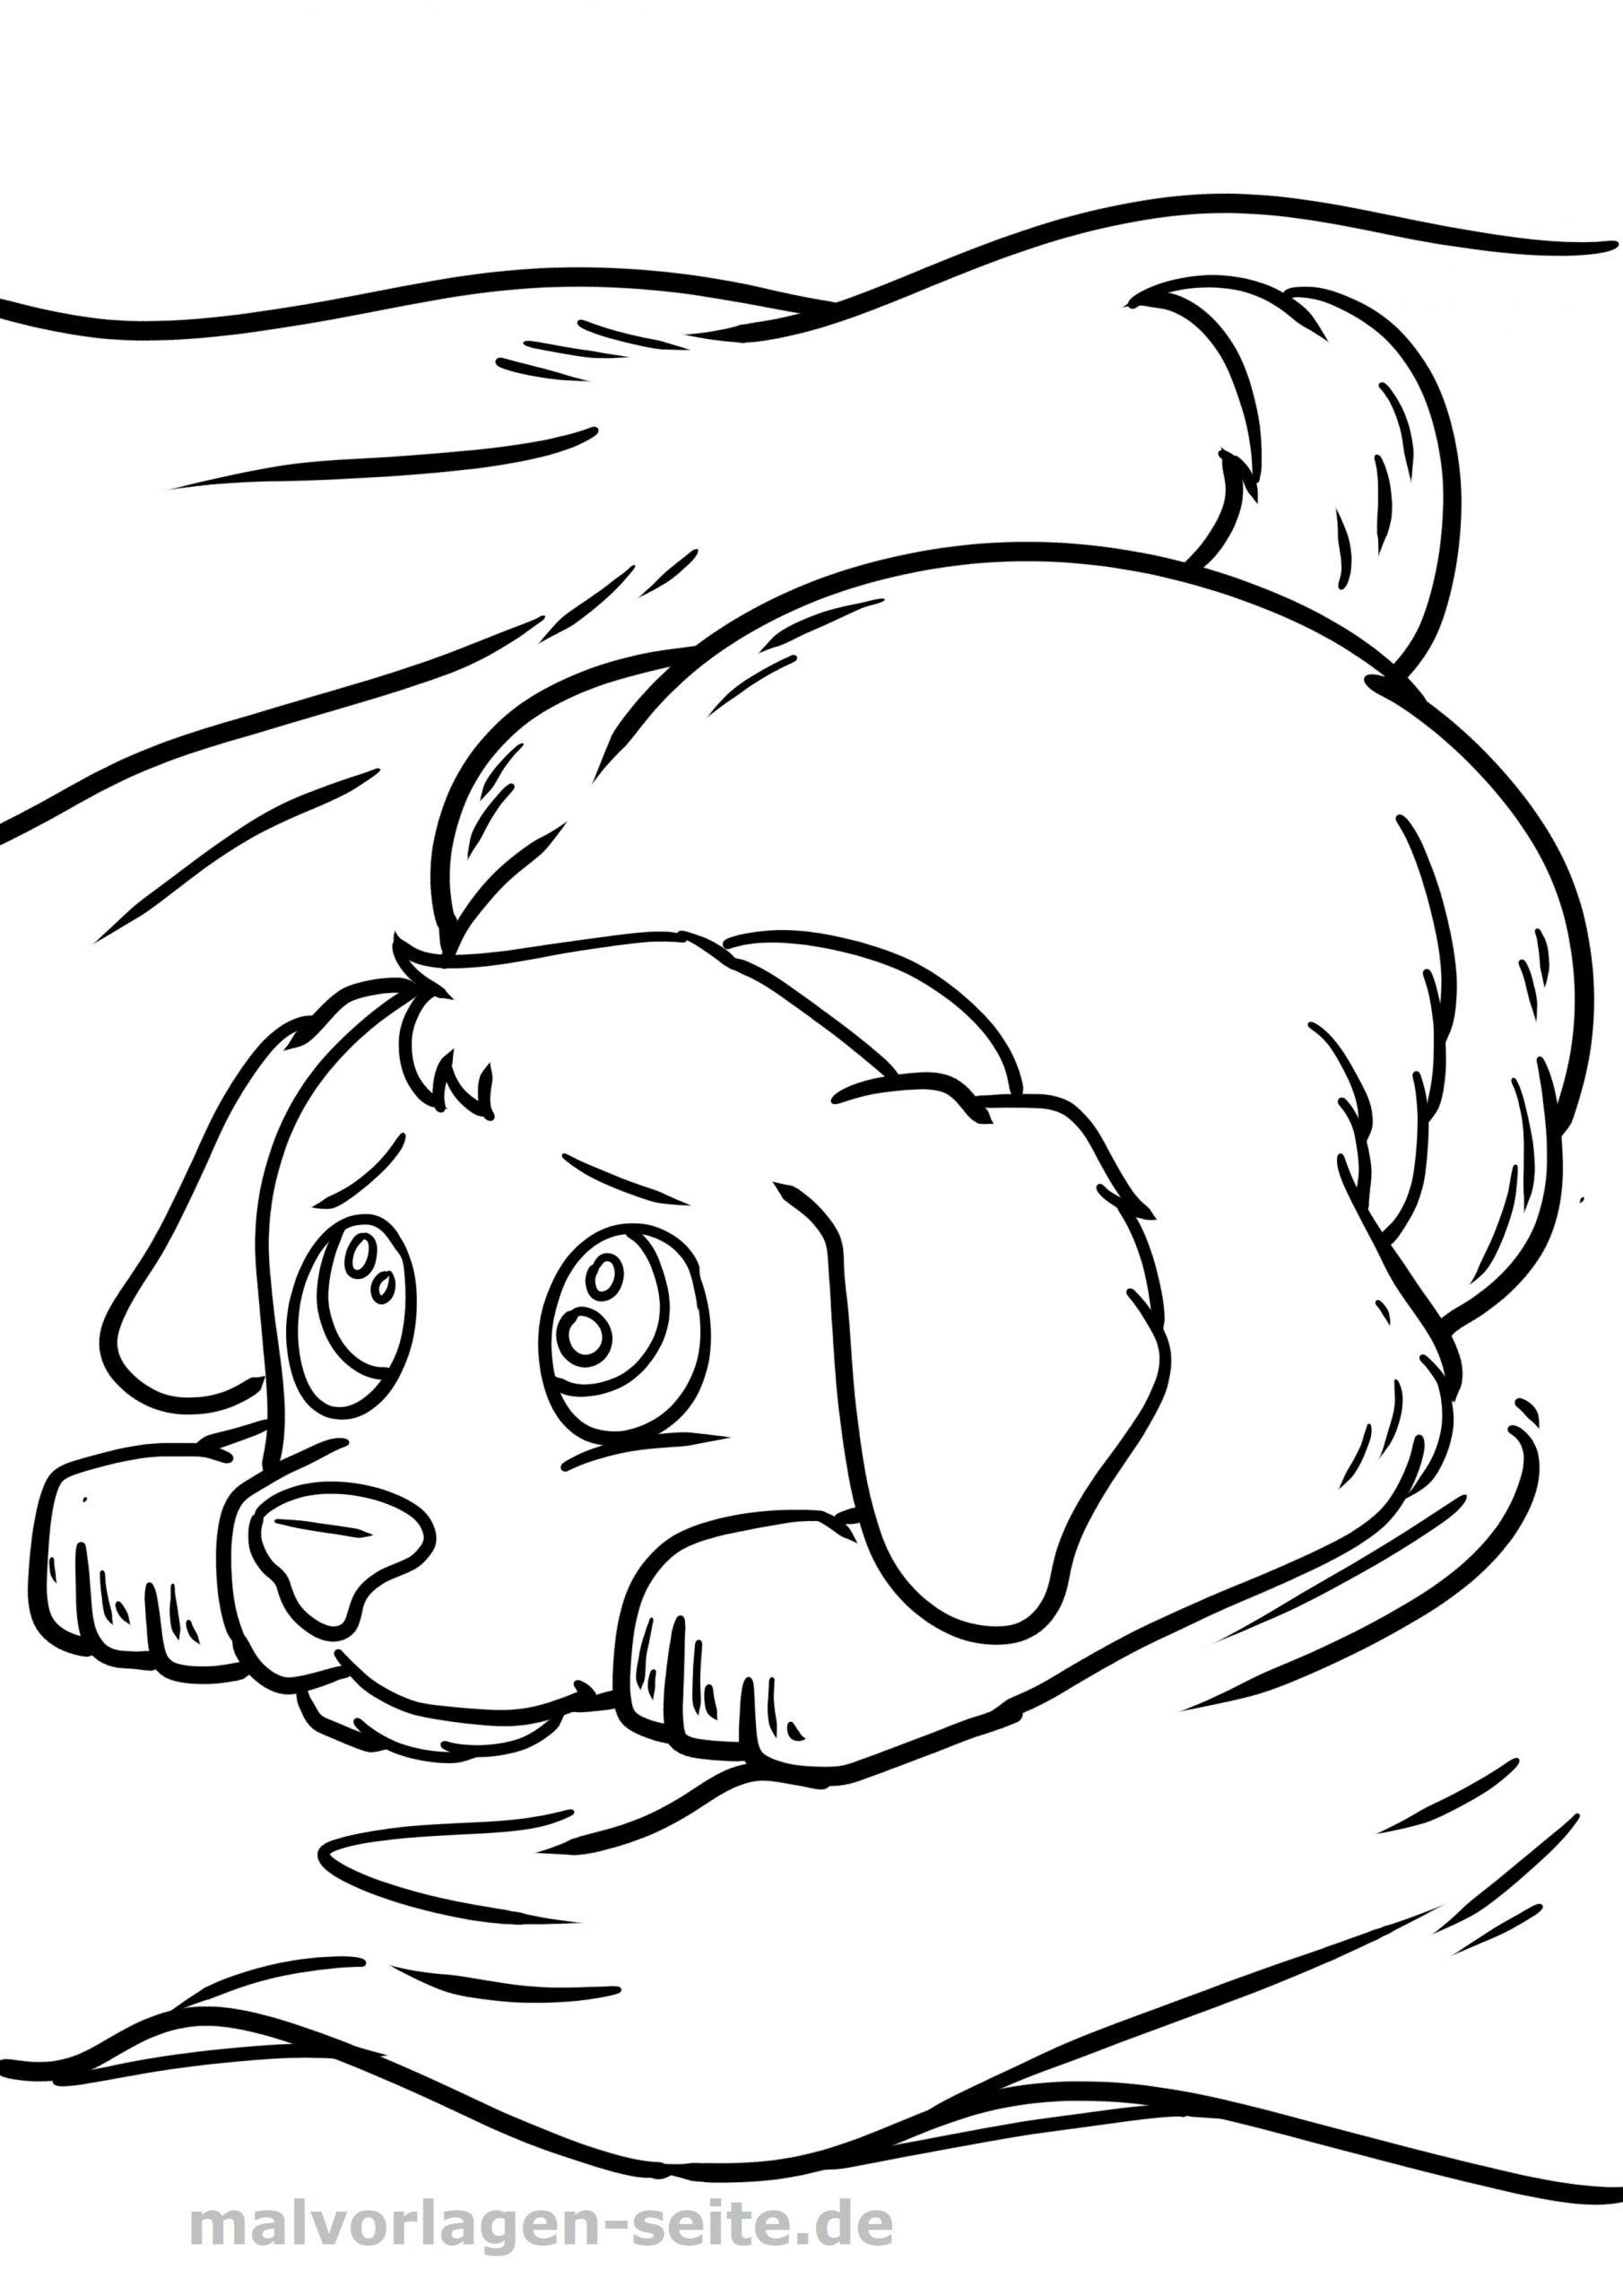 Malvorlage Hund - Ausmalbilder Kostenlos Herunterladen mit Malvorlagen Hunde